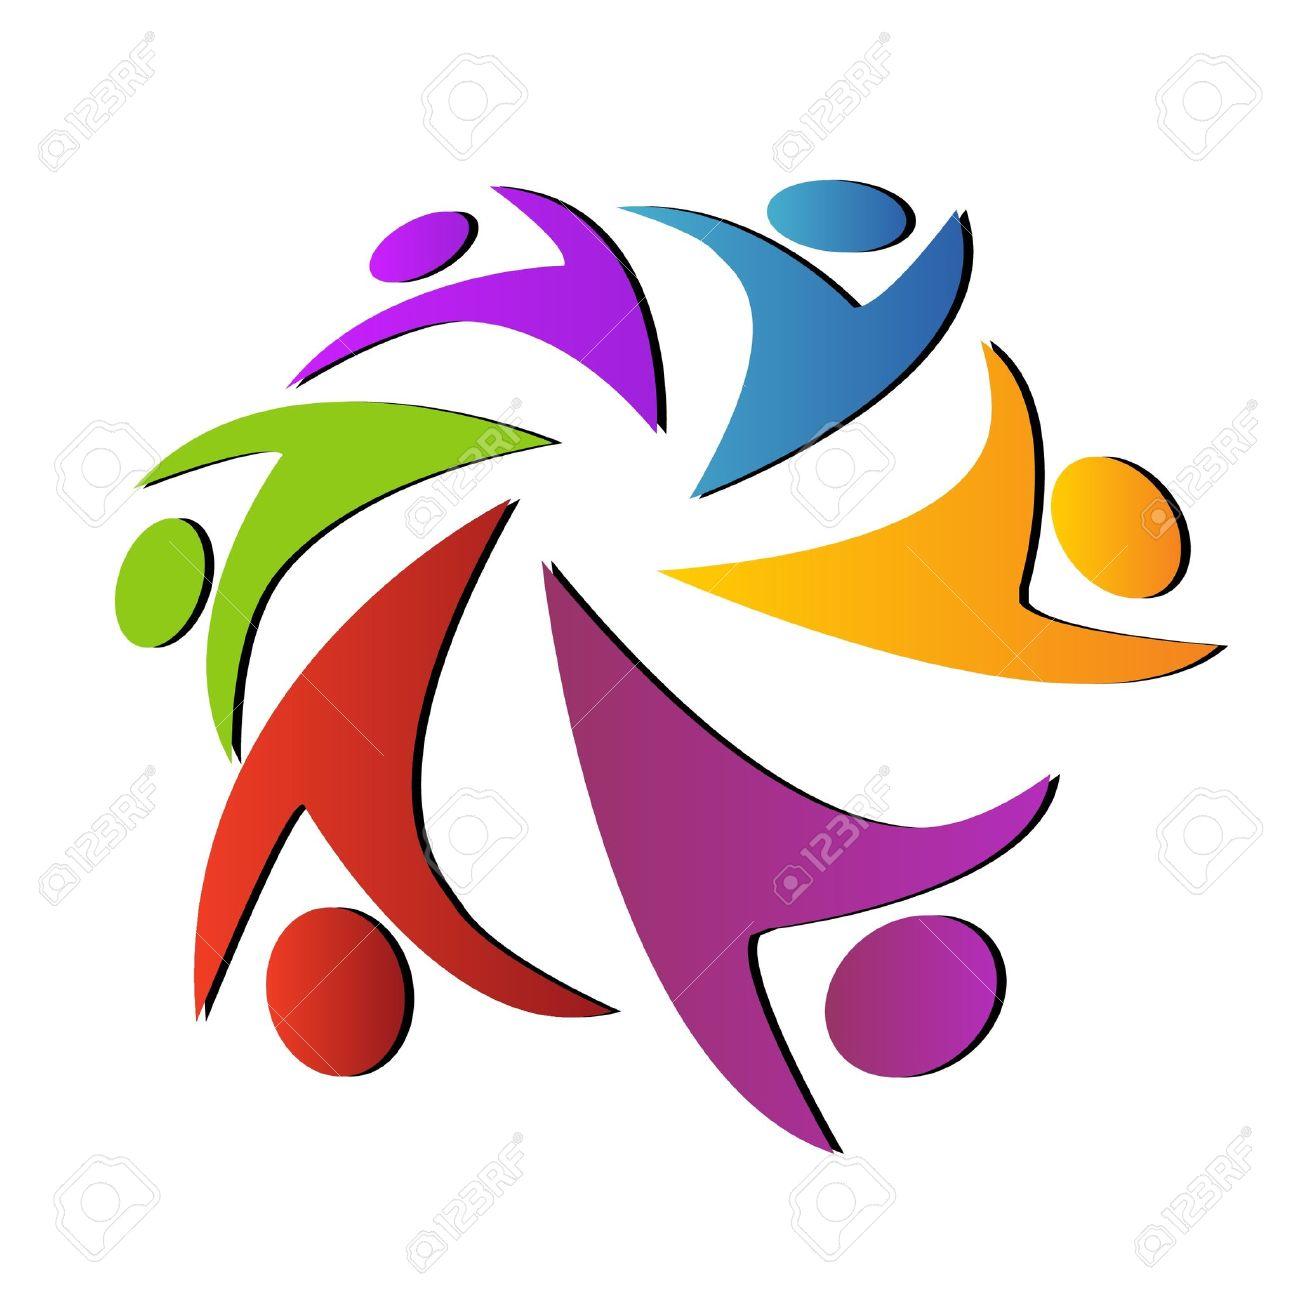 Teamwork logo Stock Vector - 12379695